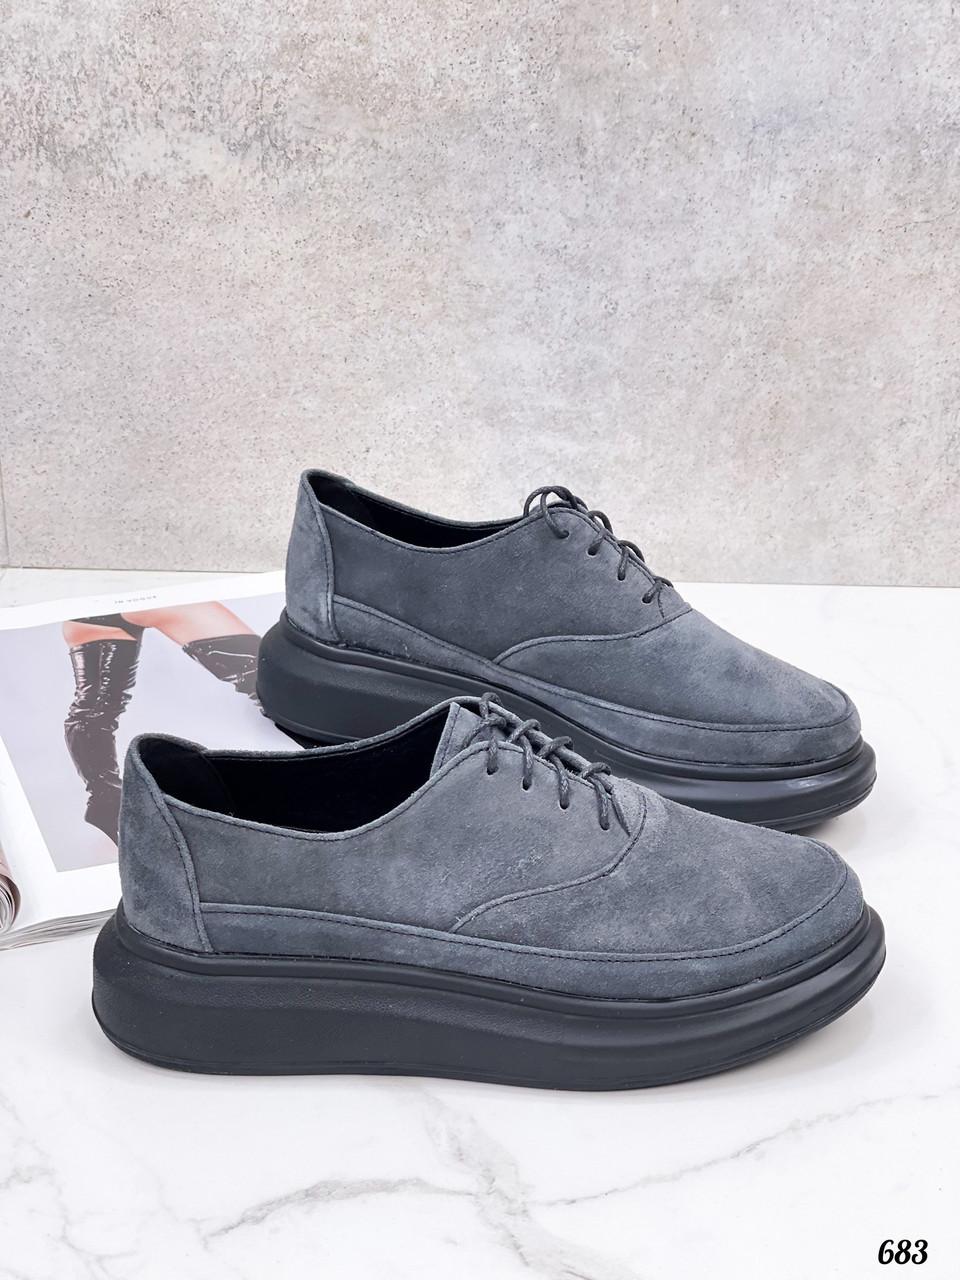 Замшевые серые туфли на плоской подошве